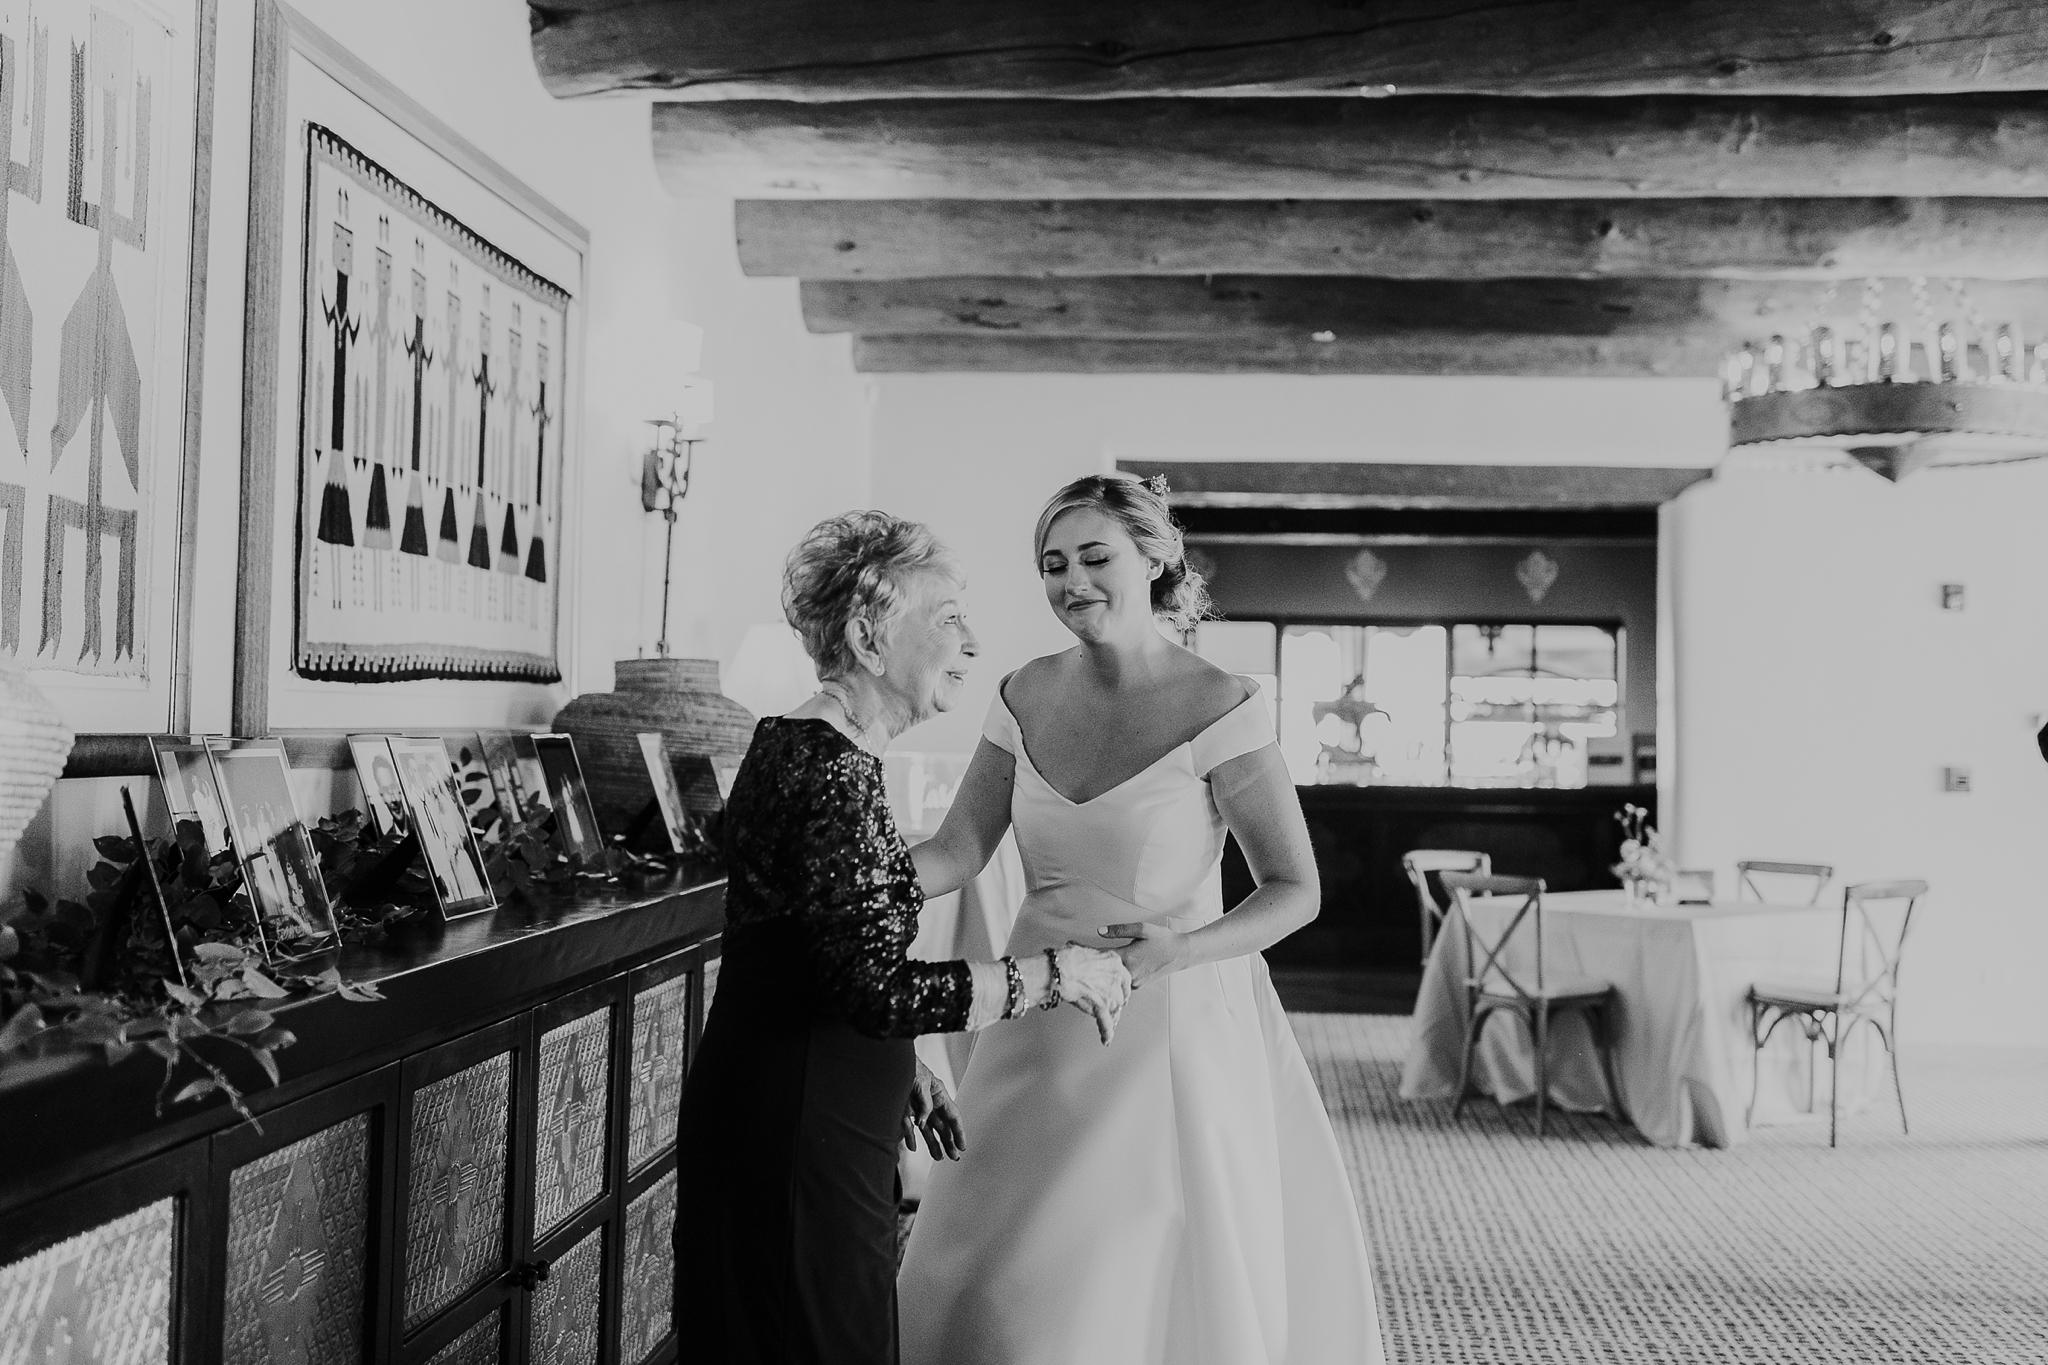 Alicia+lucia+photography+-+albuquerque+wedding+photographer+-+santa+fe+wedding+photography+-+new+mexico+wedding+photographer+-+new+mexico+wedding+-+las+campanas+wedding+-+santa+fe+wedding+-+maximalist+wedding+-+destination+wedding_0135.jpg